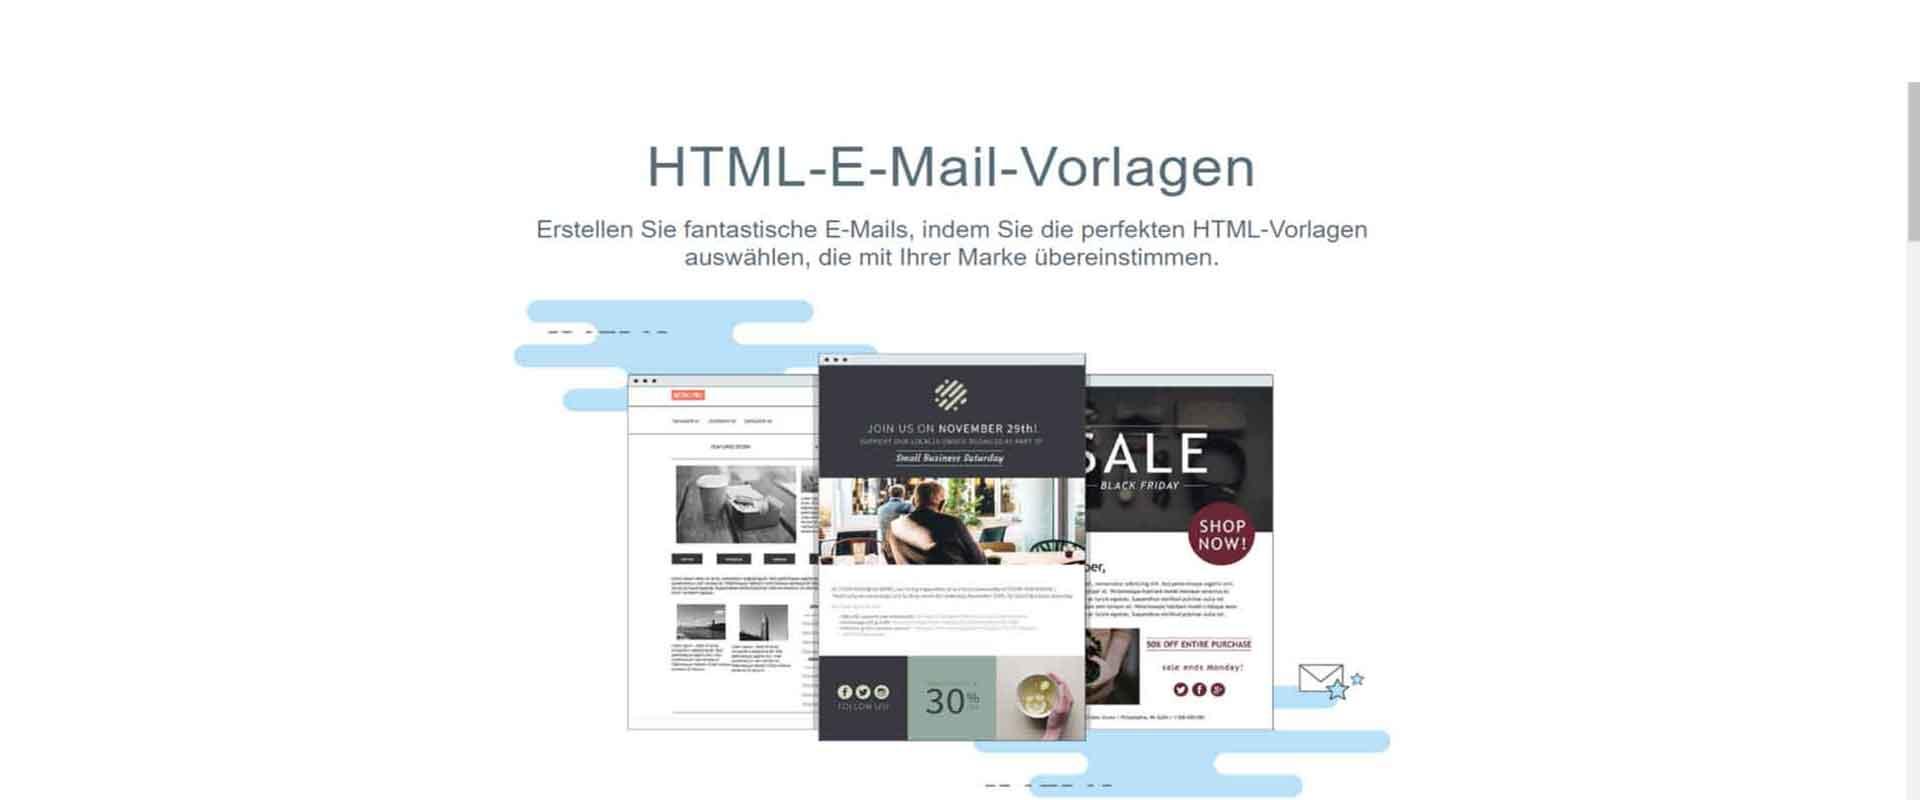 AW-HTML-E-Mail-Vorlagen